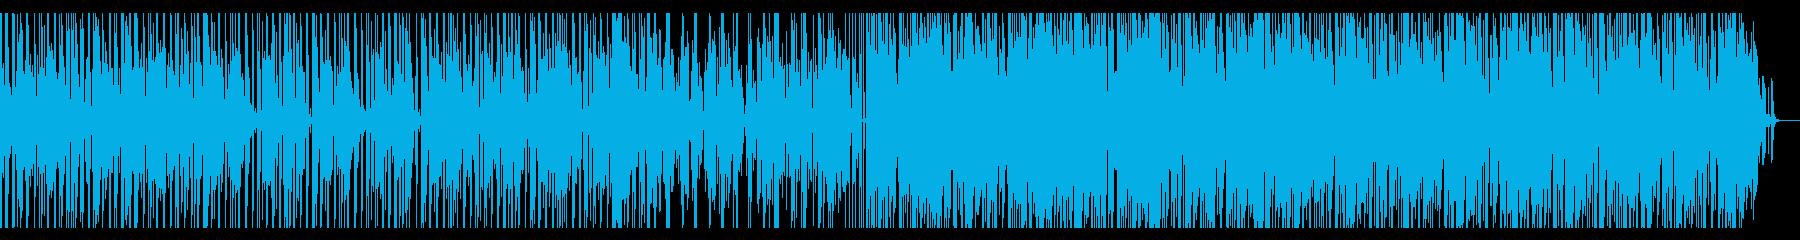 【短いVer3】70年代ファンクロック風の再生済みの波形